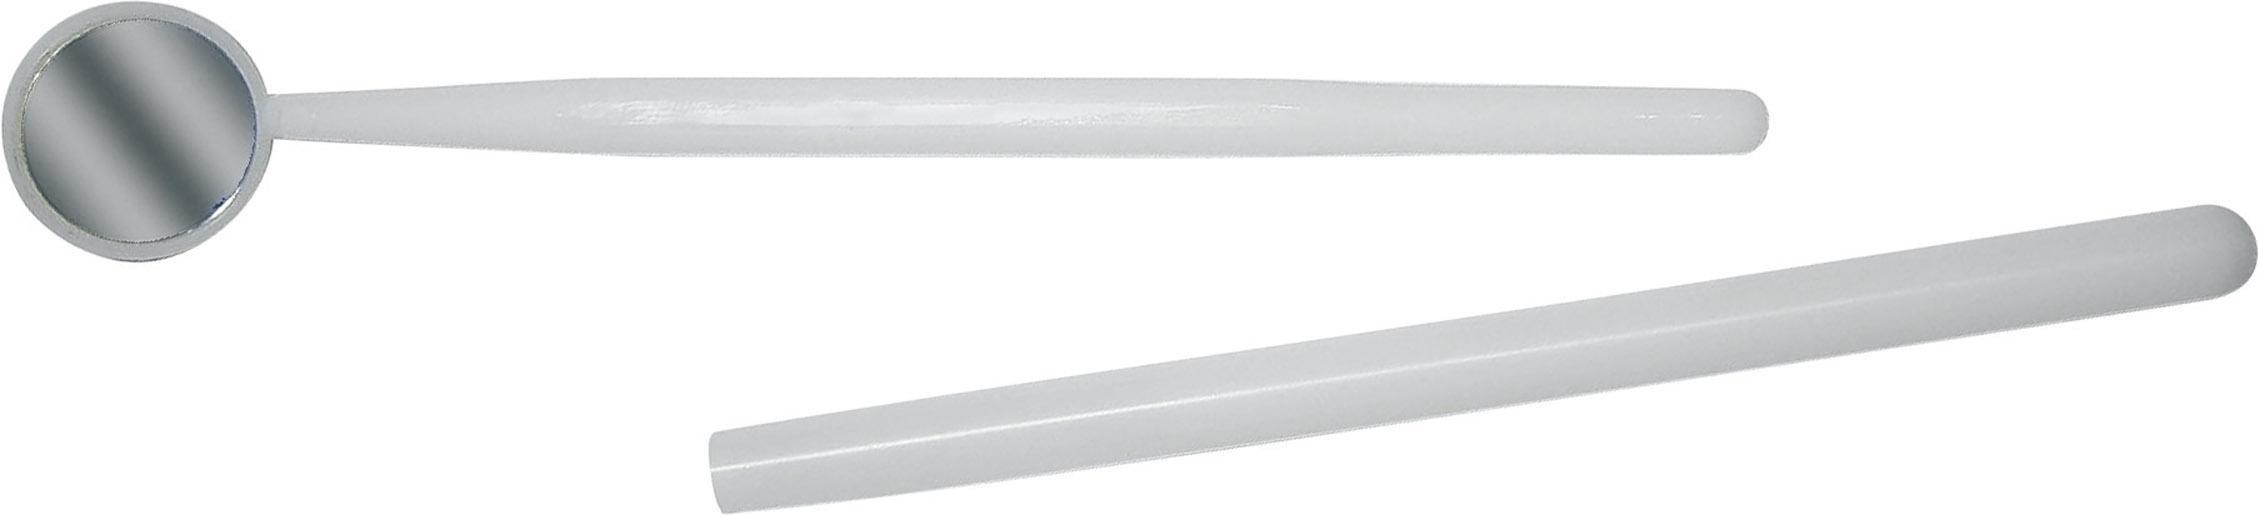 Suchspiegel, Kunststoff 260mm Hesse Bild 2